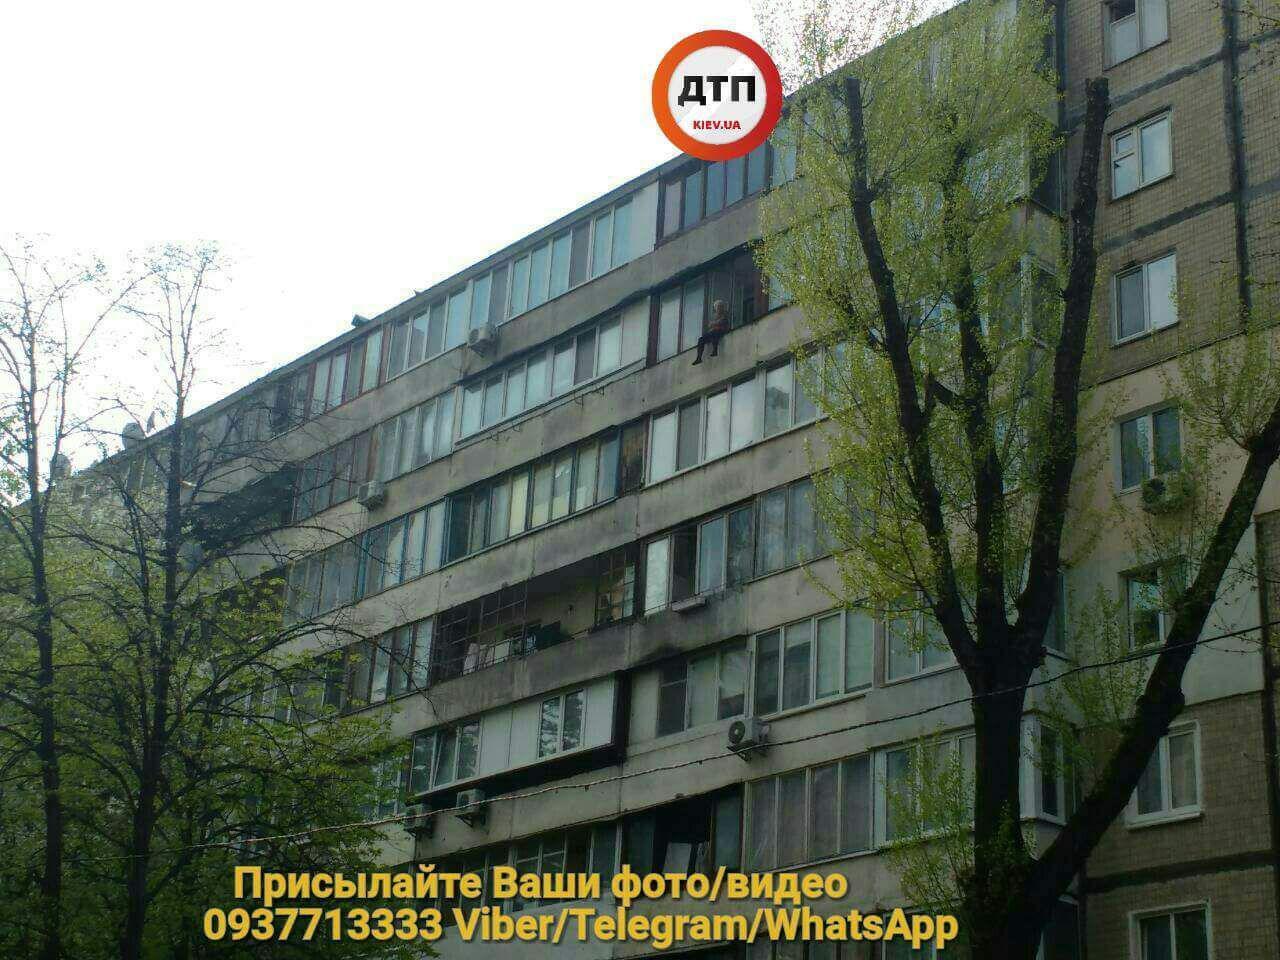 У Києві пенсіонерка погрожувала стрибнути з вікна: деталі